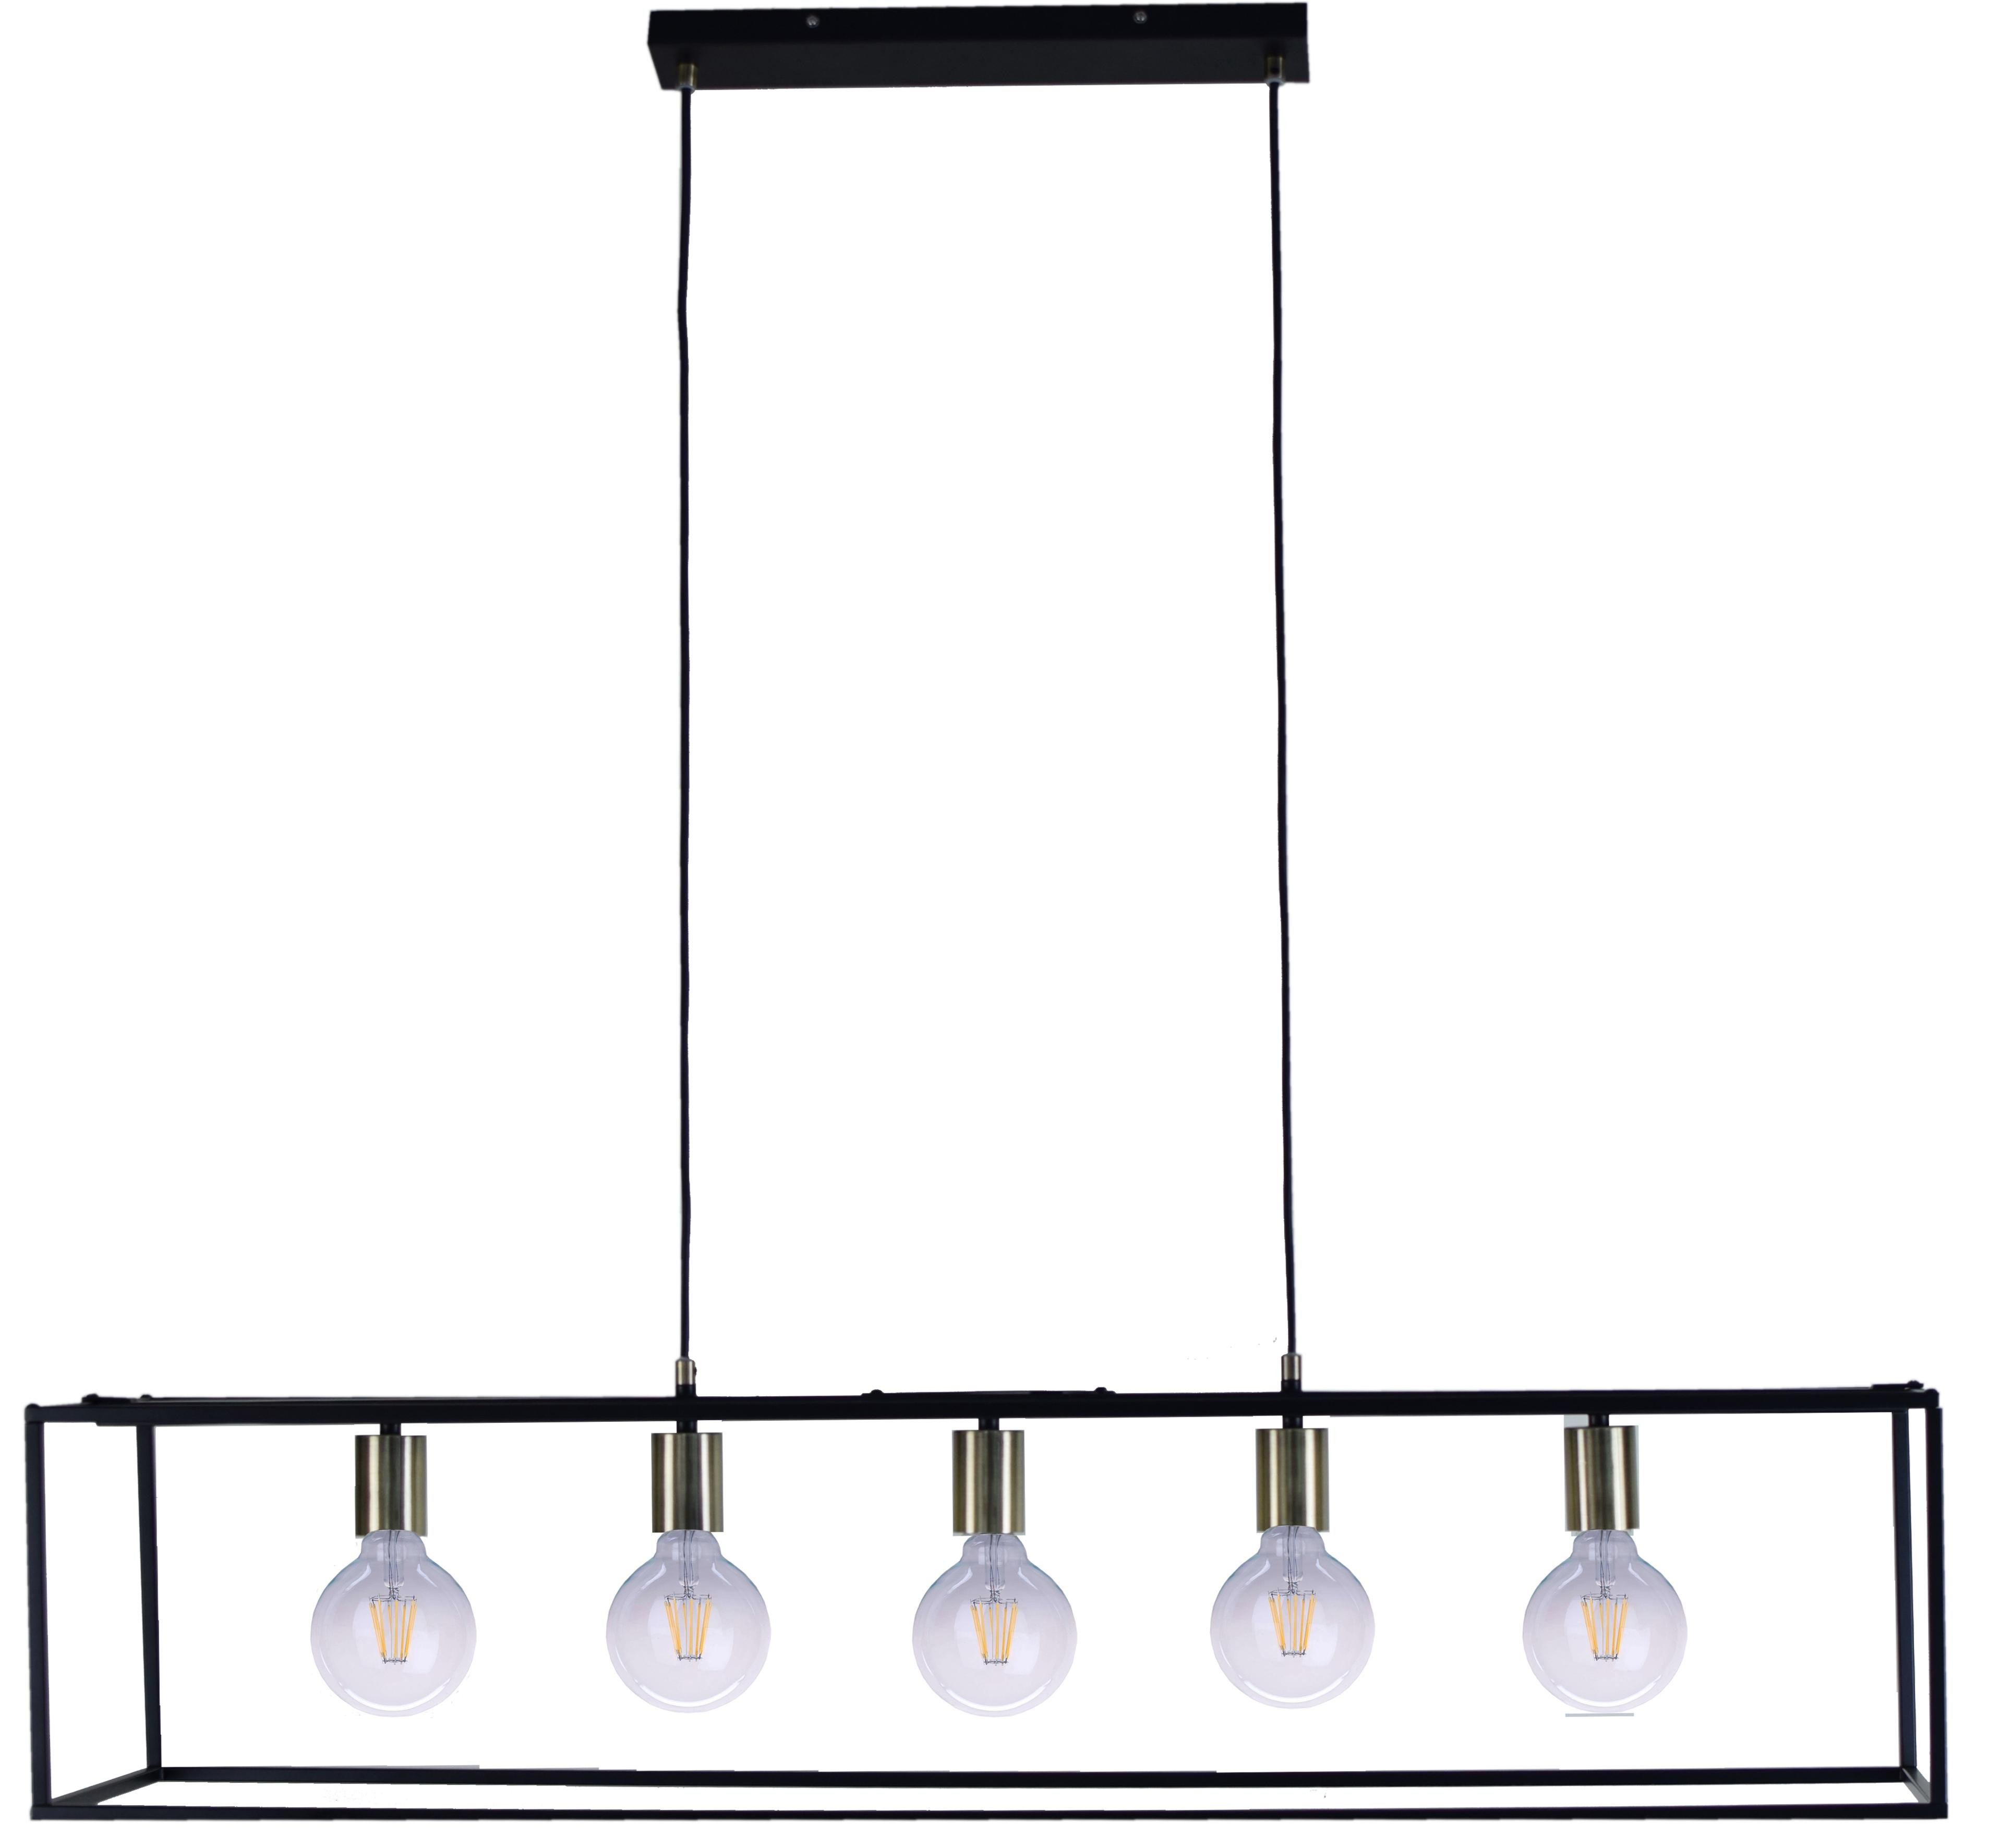 Places of Style hanglamp CANOPY Hanglamp zwart met messingkleurige details, ophangvoorziening 150 cm, dimbaar met een wandschakelaar nu online bestellen